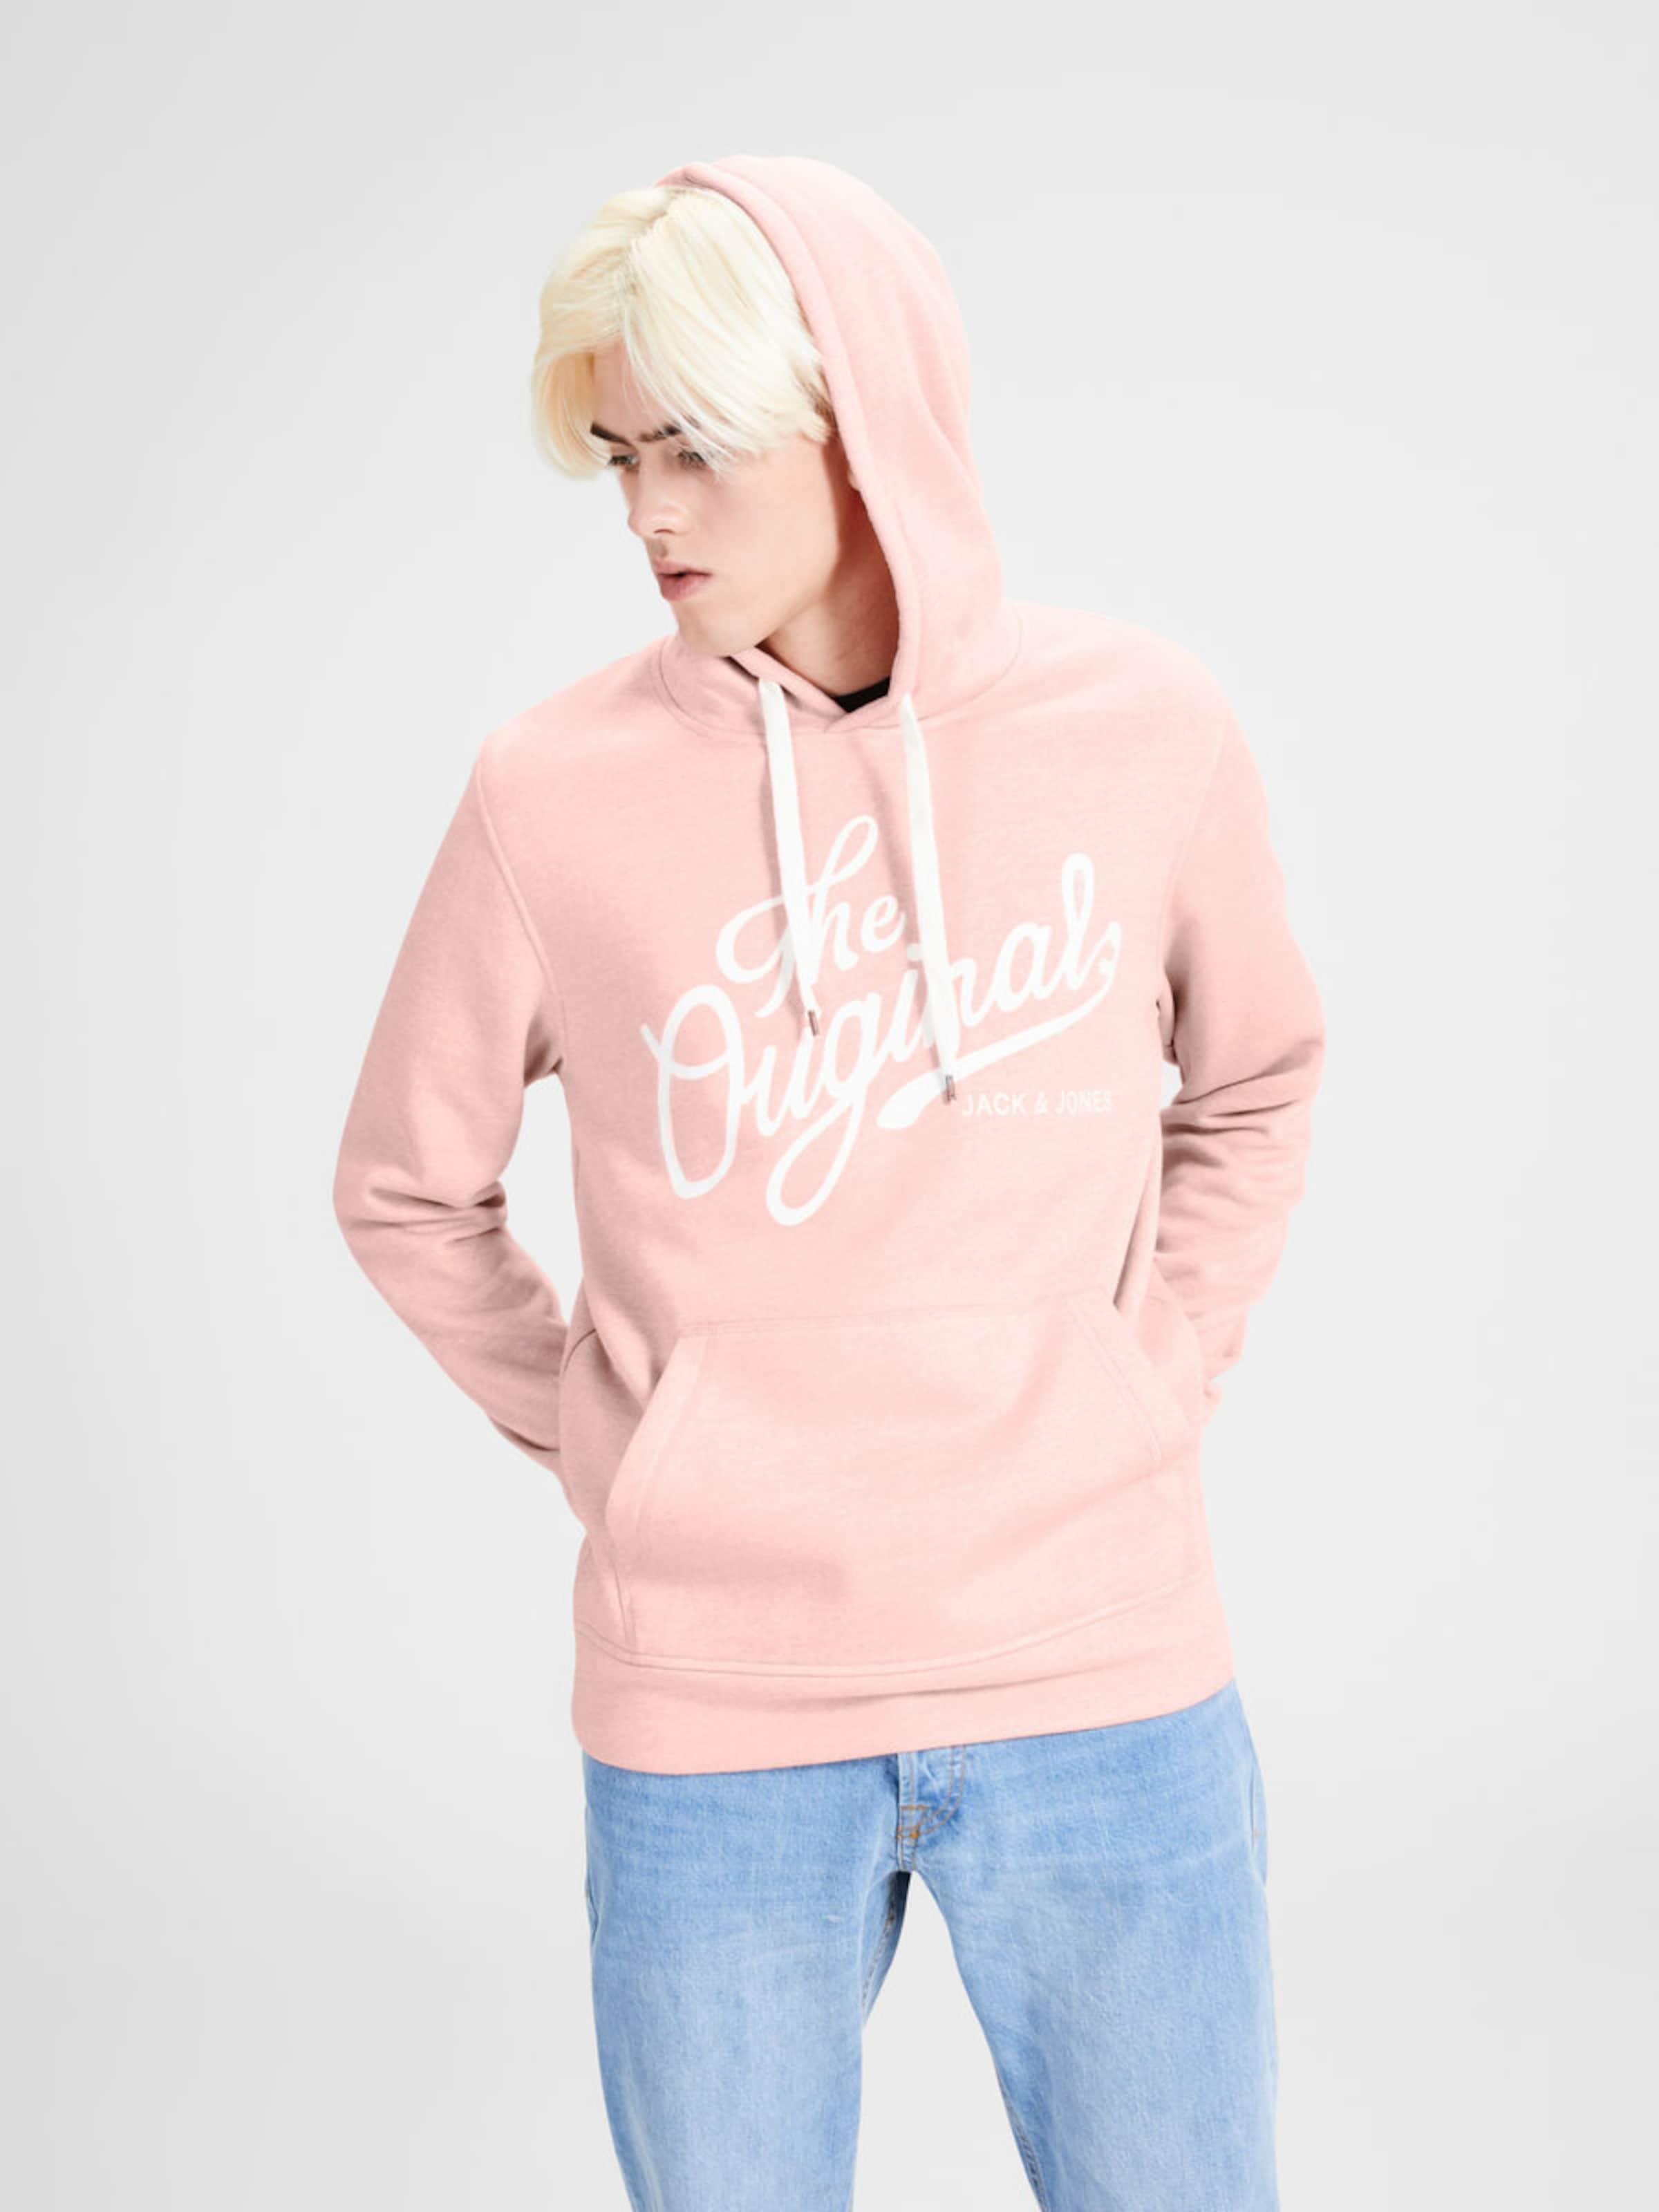 JACK & JONES Sweatshirt Verkauf Exklusiv Ebay Online Verkauf Perfekt Rabatt Neue Stile Freies Verschiffen Niedrig Versandkosten hTXDGRjG